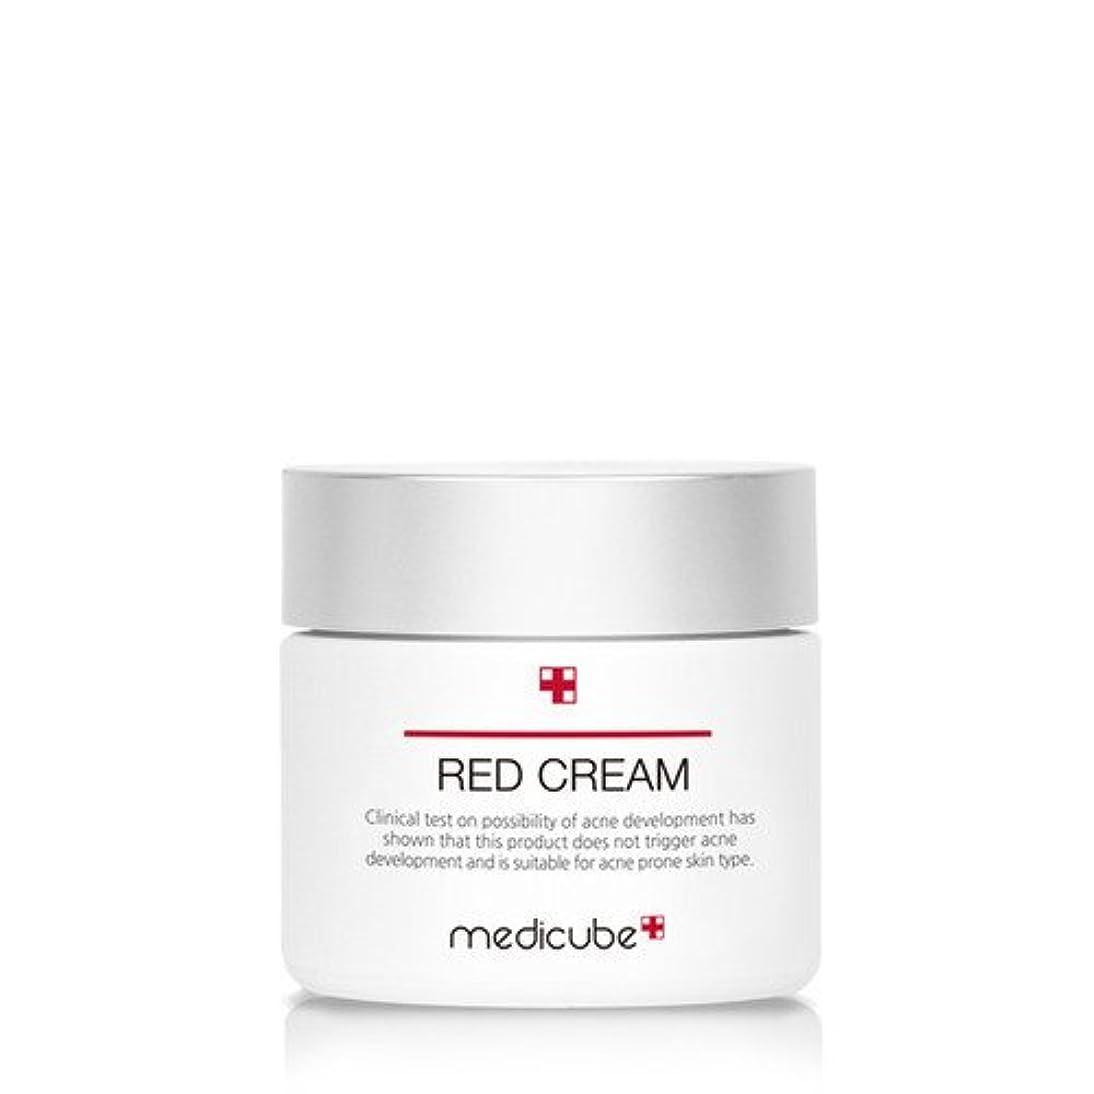 精通したアルプスレイアウト[Medicube]メディキューブ レッドクリーム 50ml / Medicube Red Cream 50ml / 正品?海外直送商品 [並行輸入品]